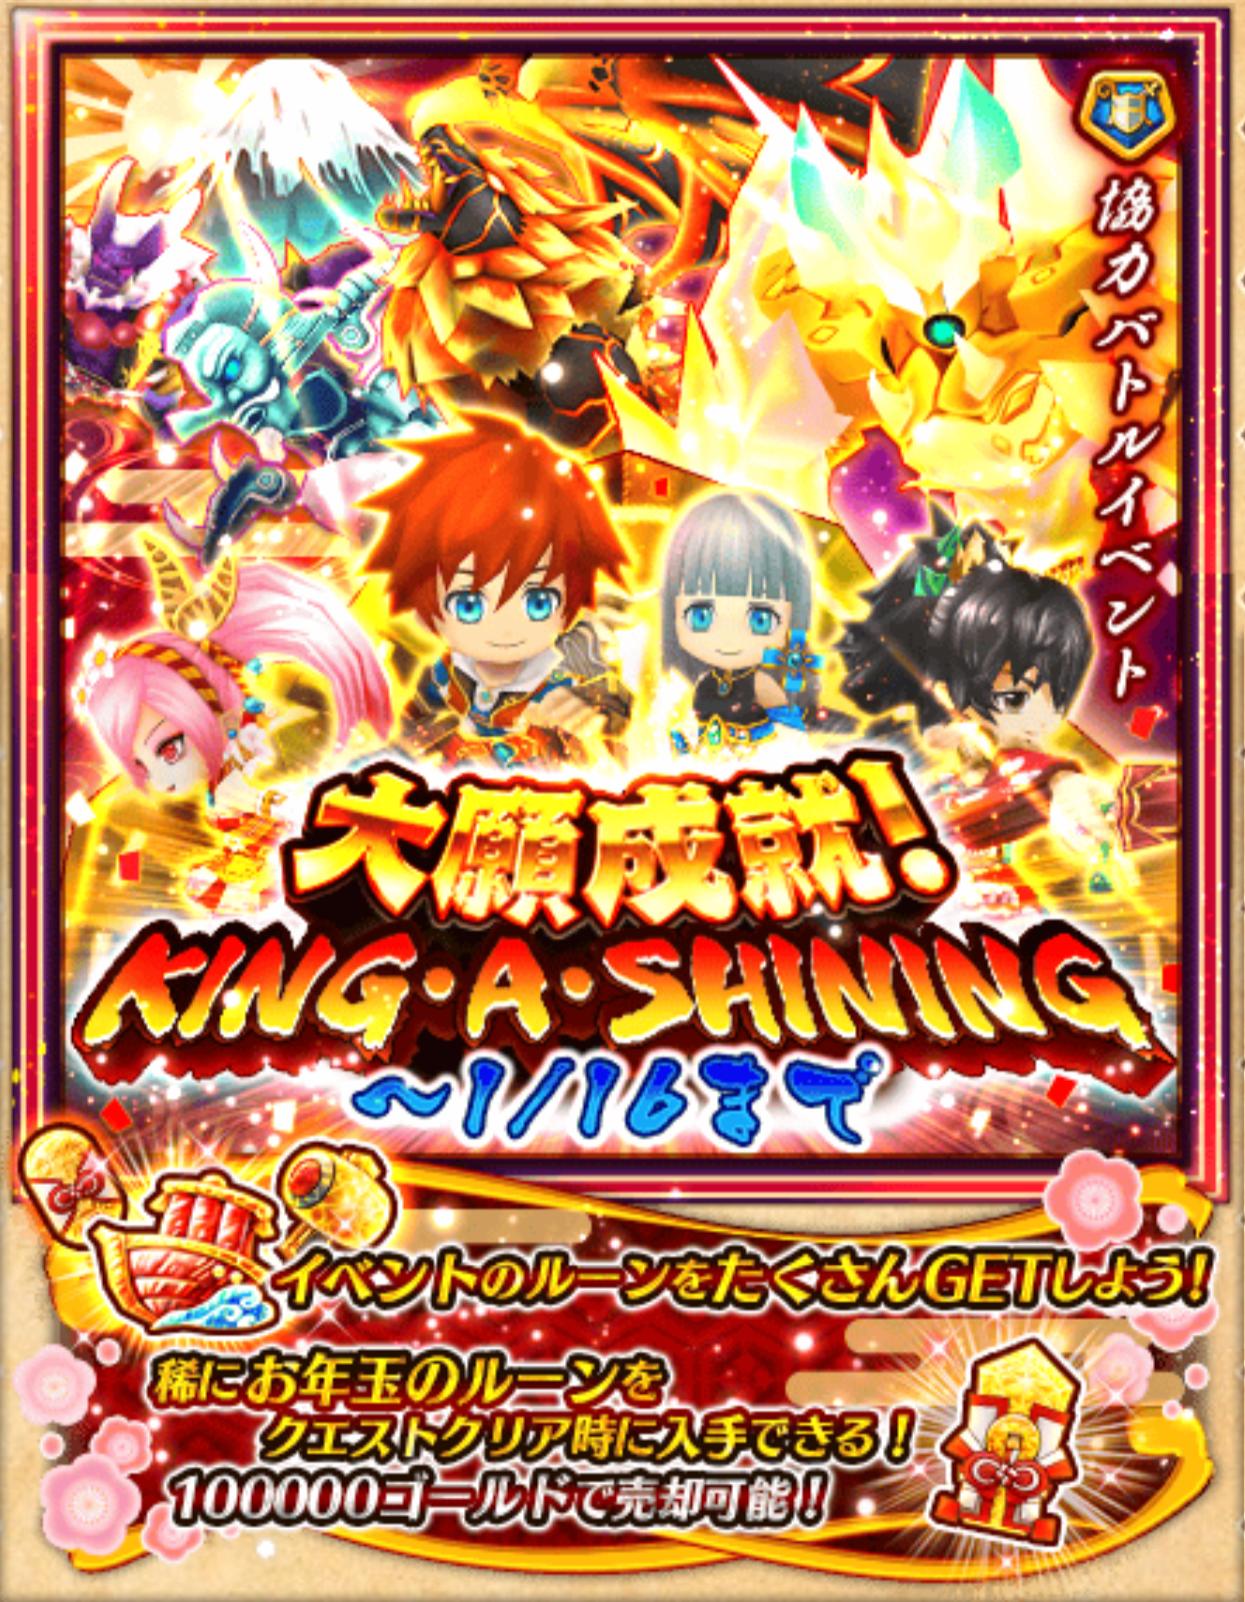 大願成就★KING・A・SHINING